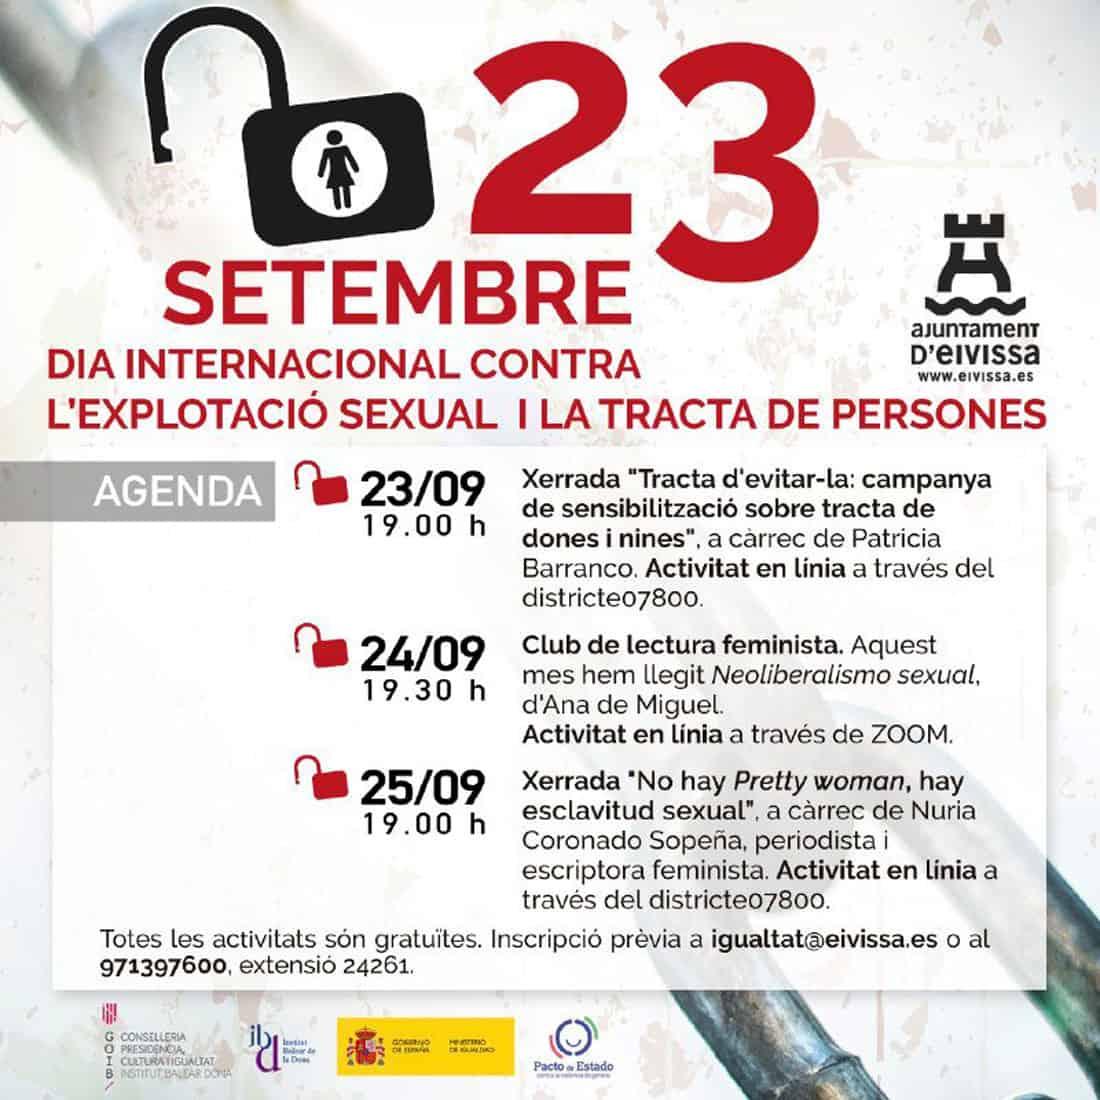 giornata-internazionale-contro-sfruttamento-sessuale-ibiza-2020-welcometoibiza